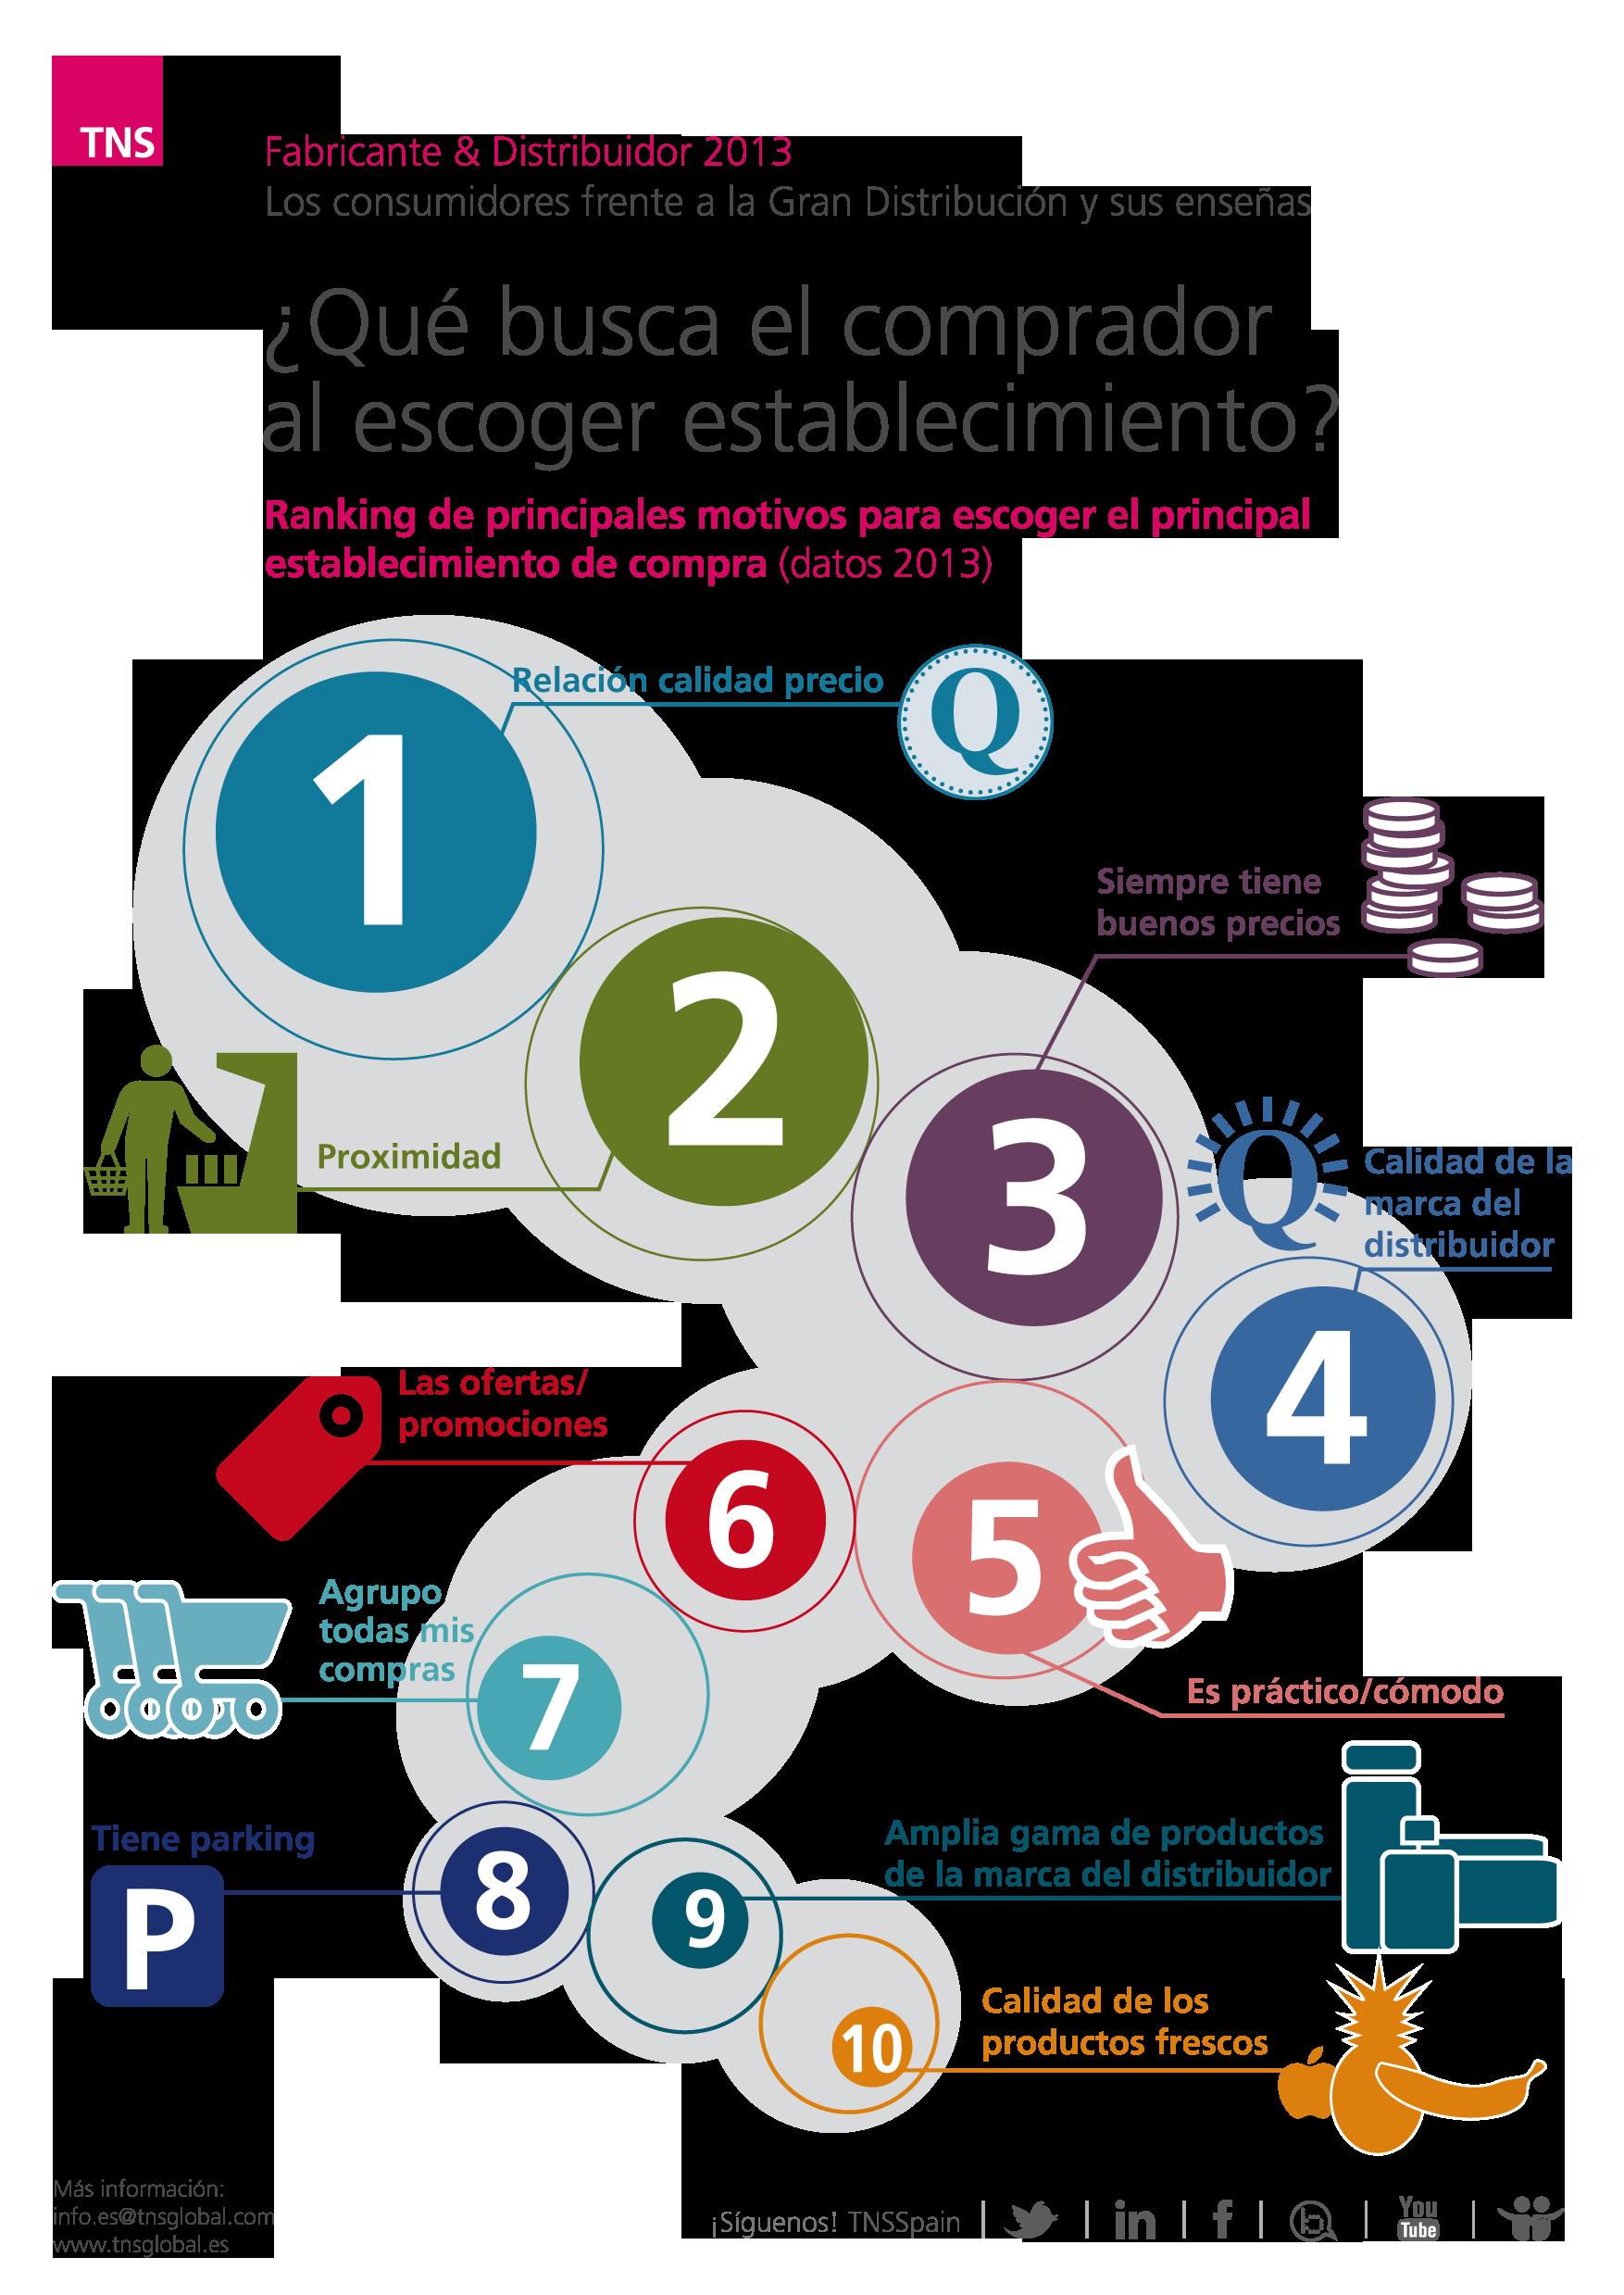 Qué Busca El Comprador Al Escoger Establecimiento Datos Fabricante Y Distribuidor Digital Marketing Marketing Market Research